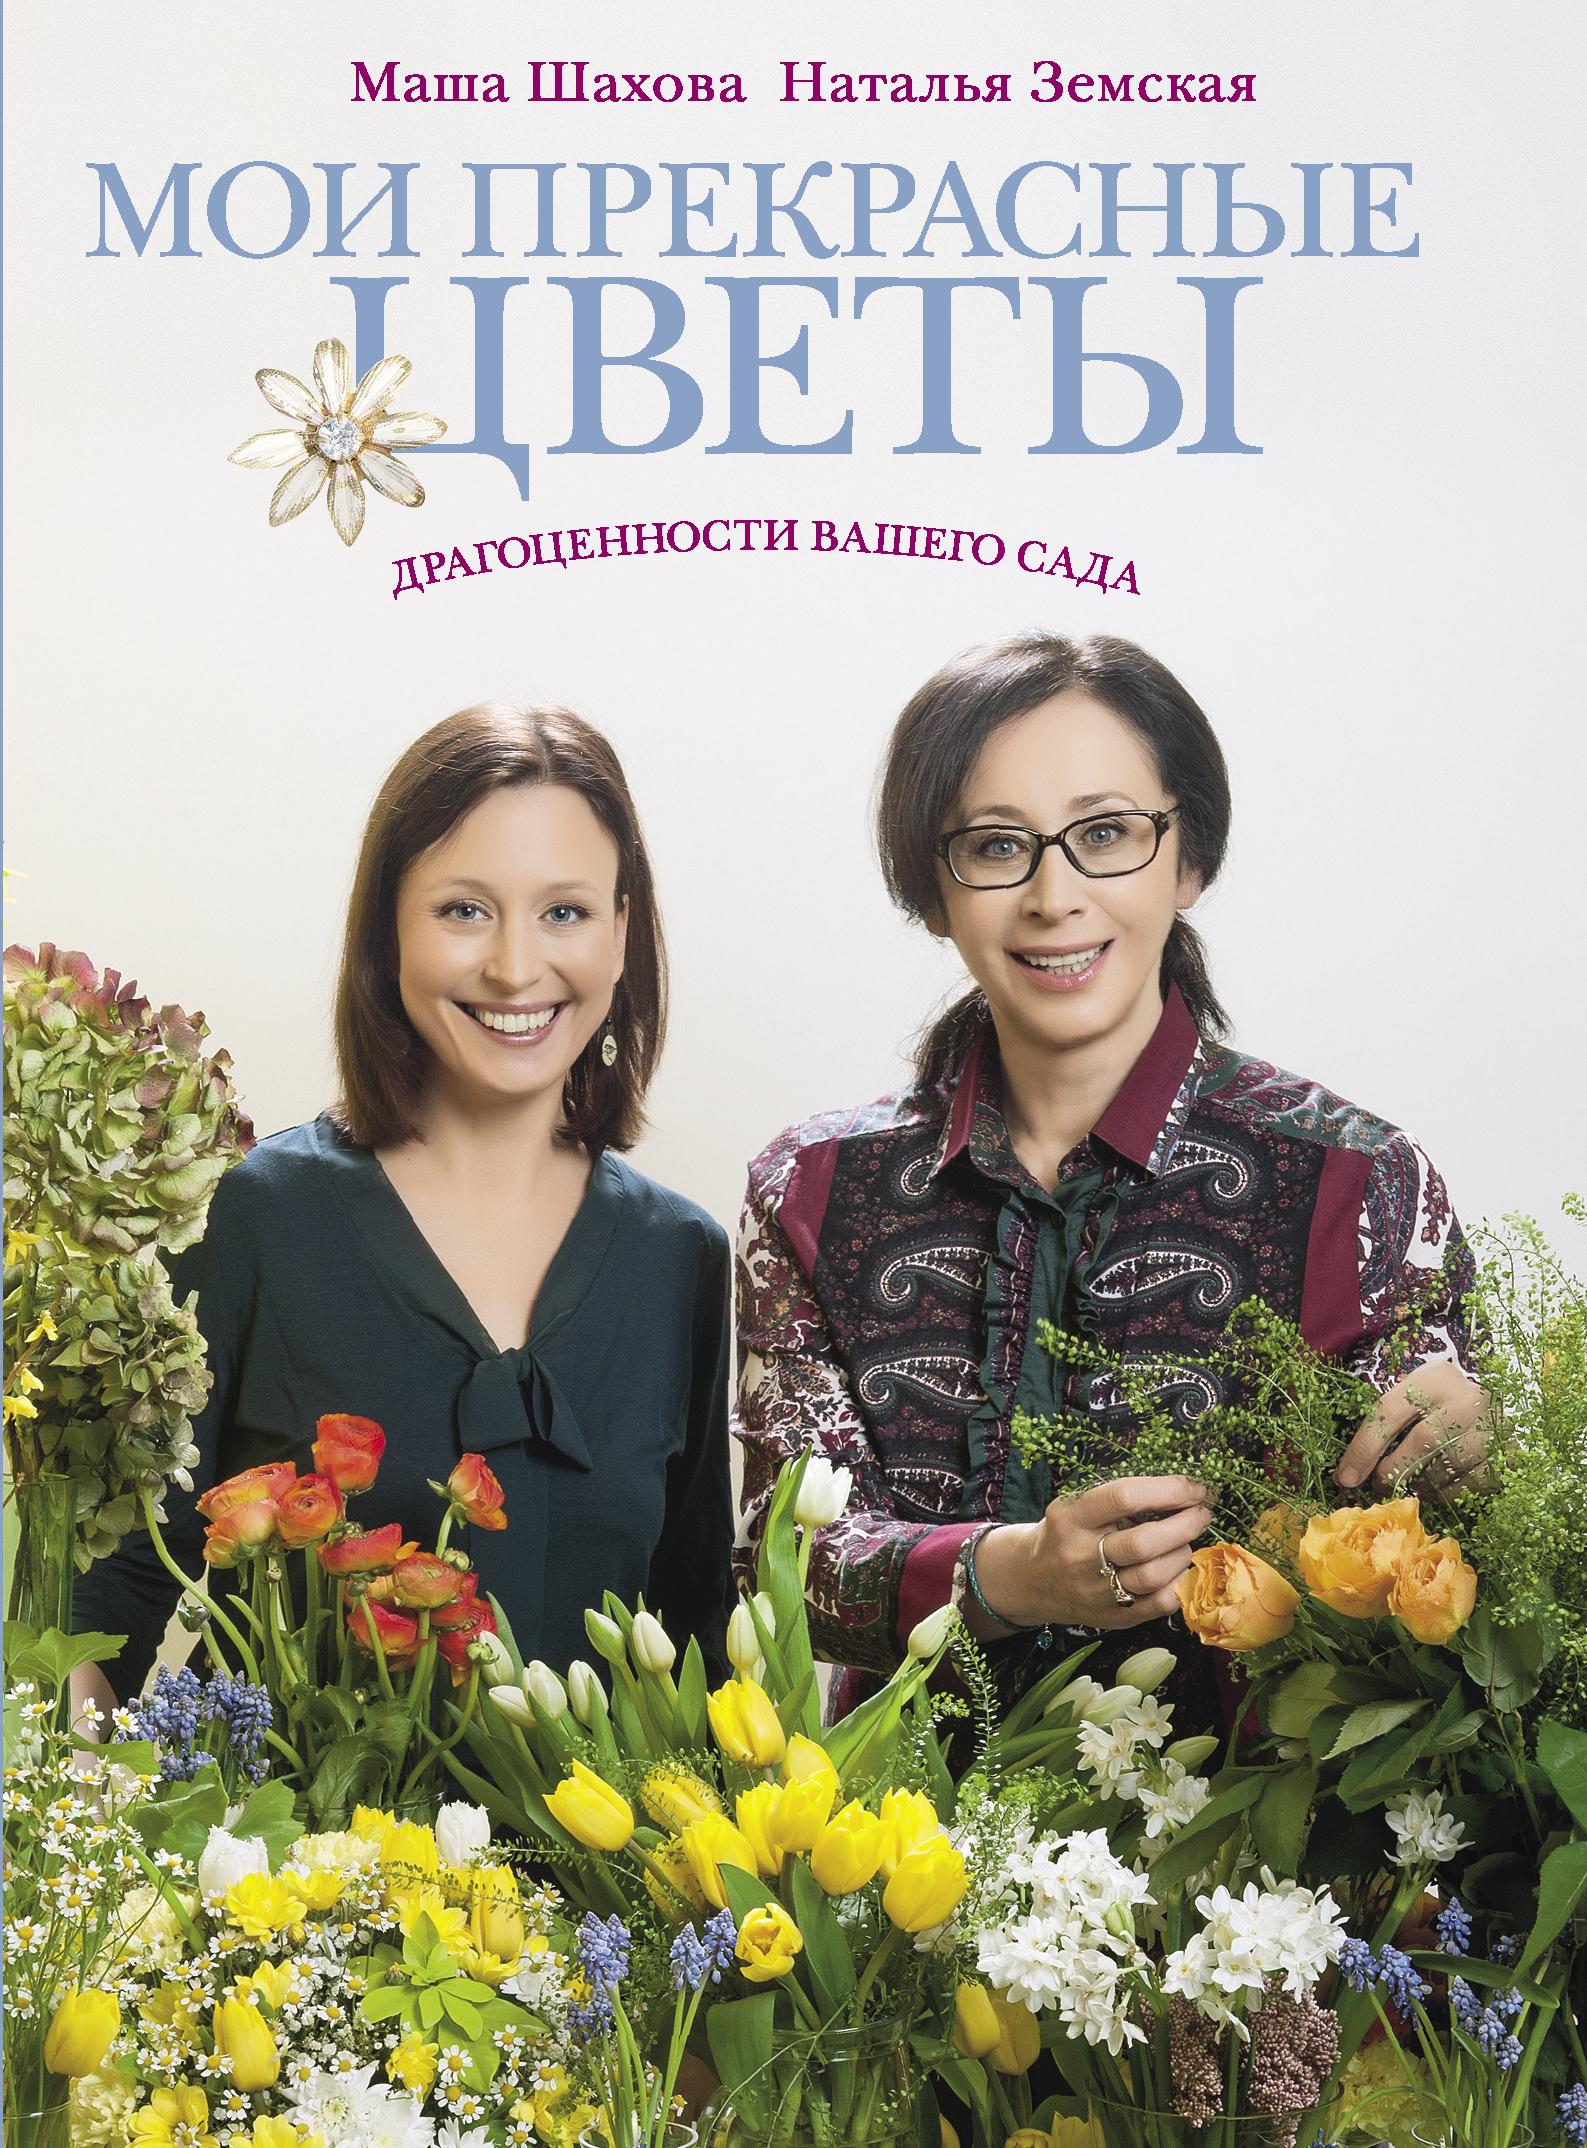 Мои прекрасные цветы (Фазенда. Первый канал представляет) от book24.ru